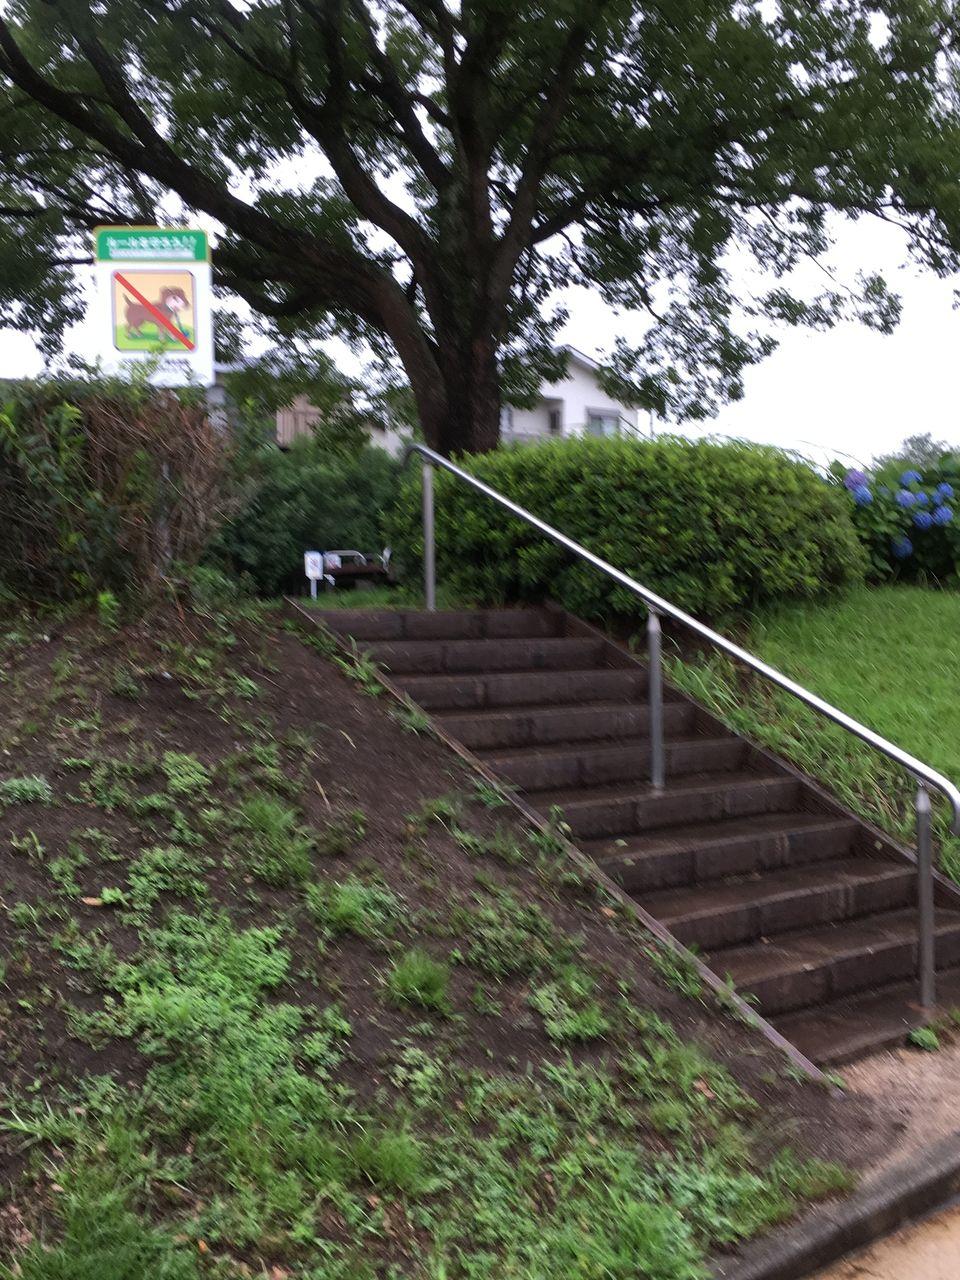 公園の高低差を感じさせる公園内にある階段部分